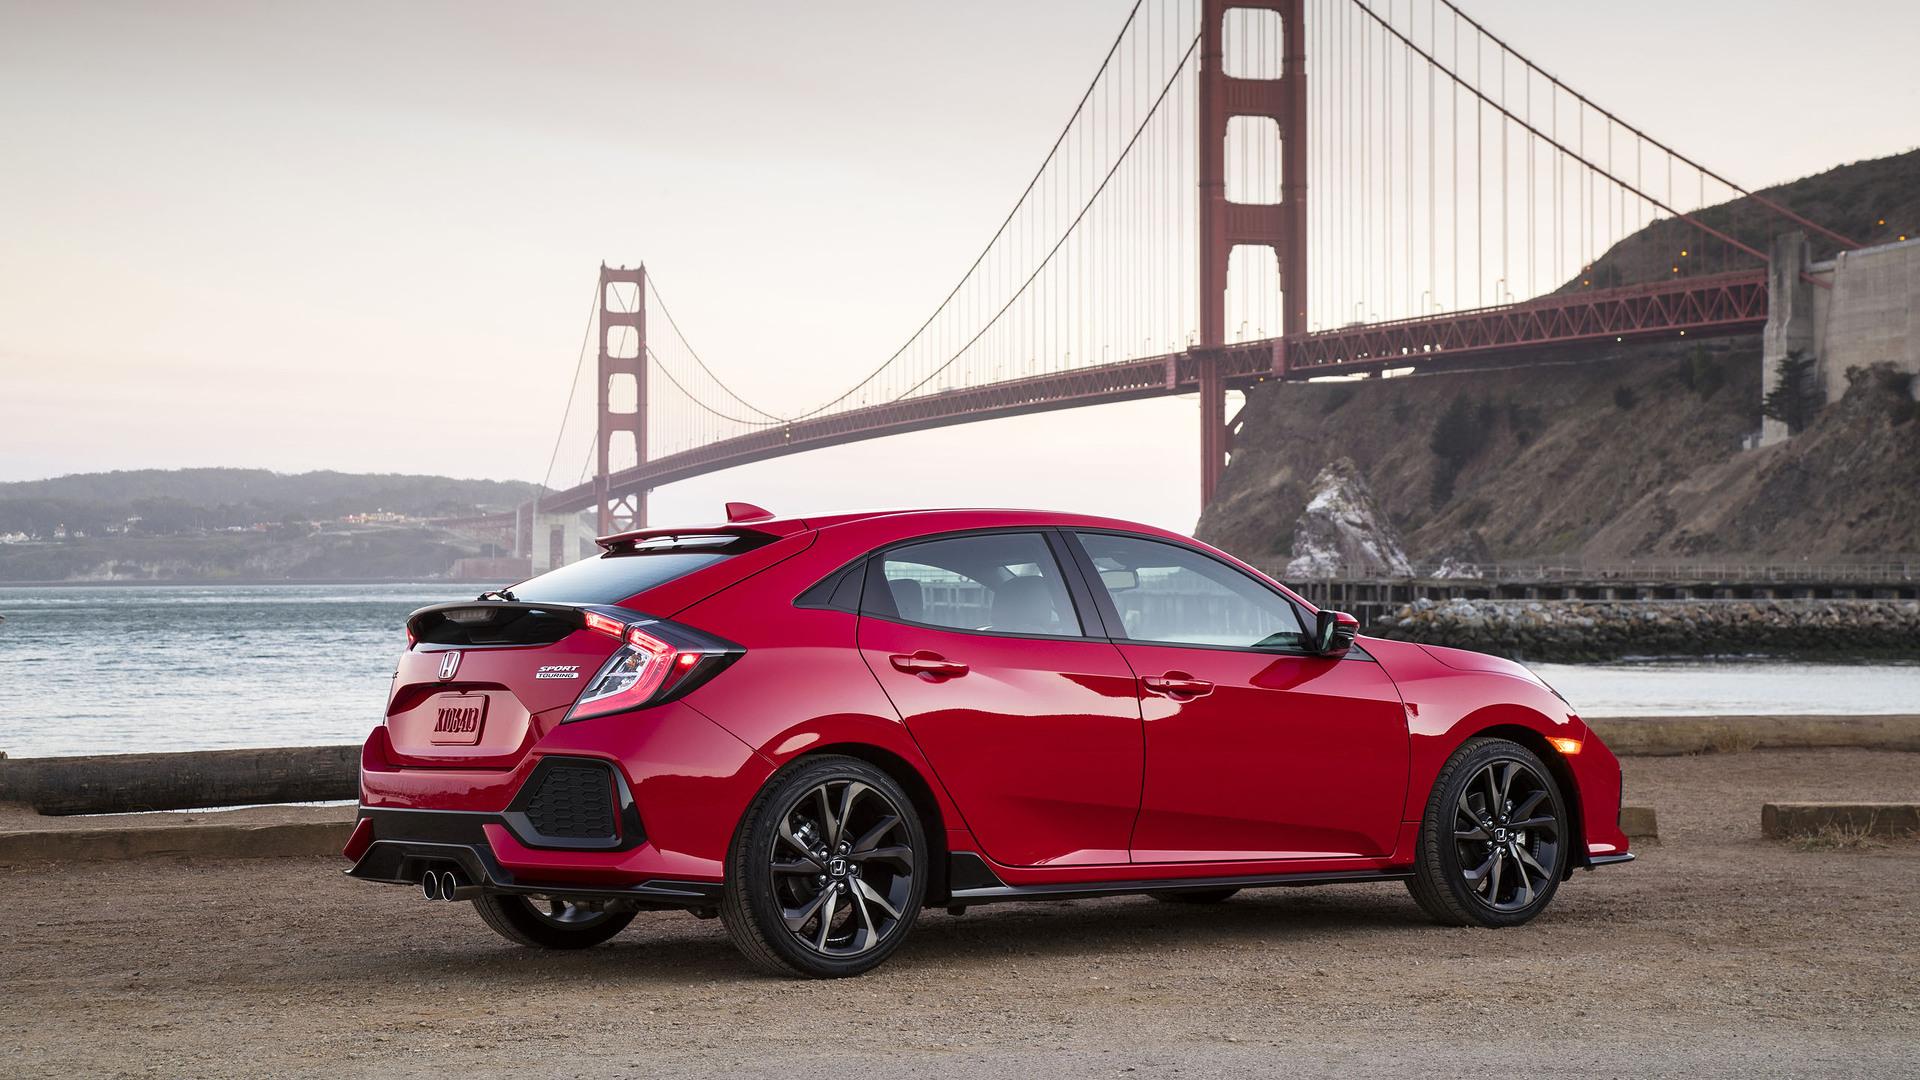 Yeni Honda Civic Hatchbackin Fiyatı Belli Oldu